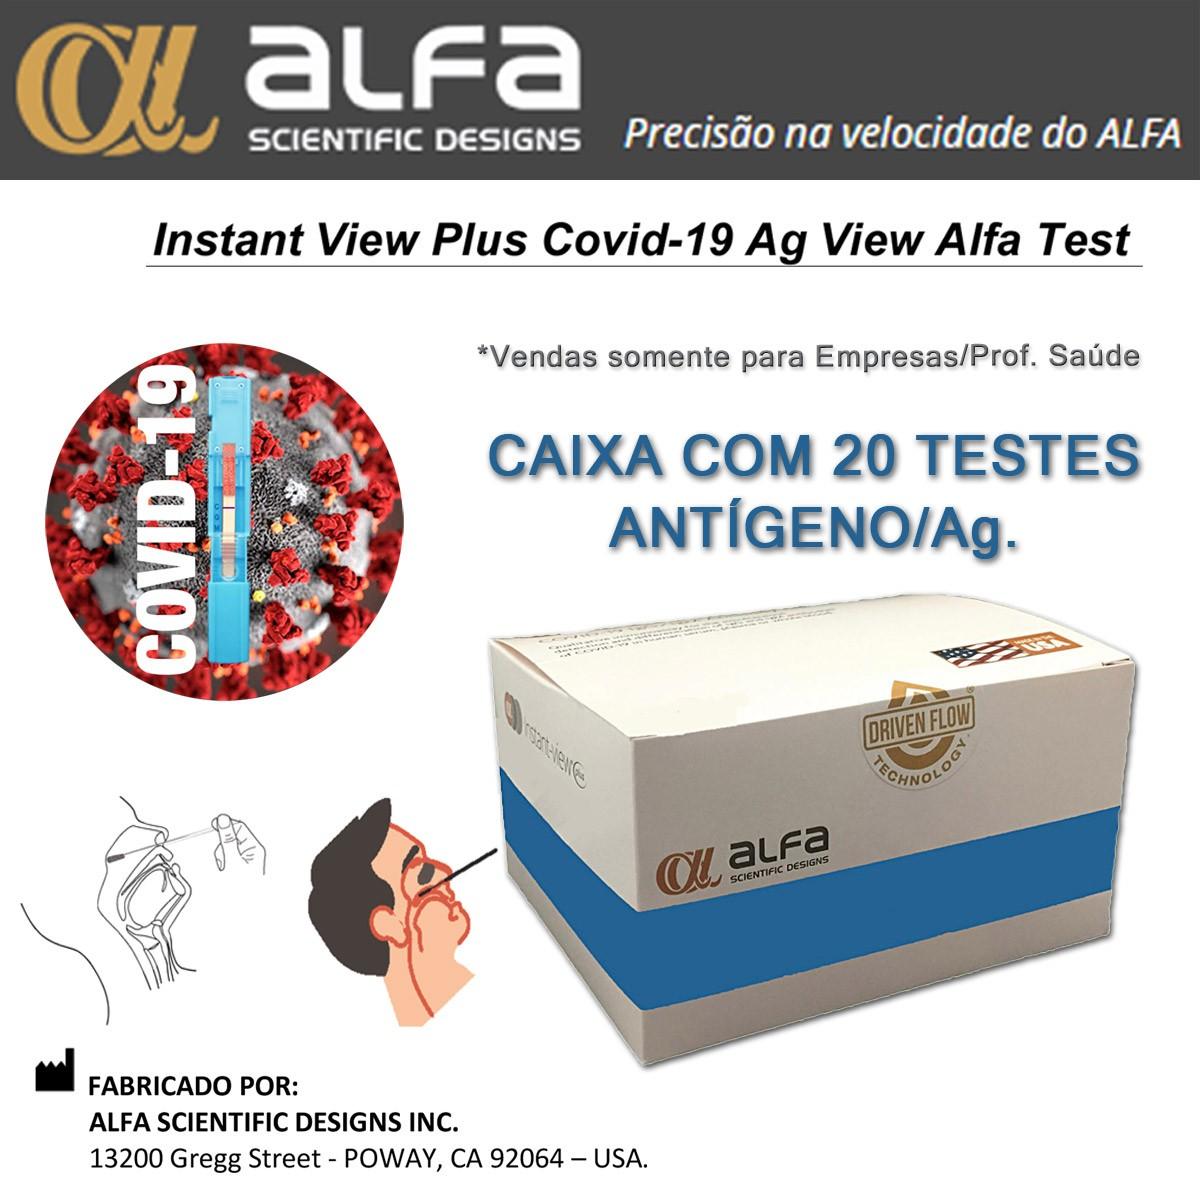 Teste Rápido COVID-19 Antígeno Ag - ALFA - Caixa com 20 unidades  - Testes Para Drogas e COVID-19. Máscaras e Como Parar de Beber e Fumar